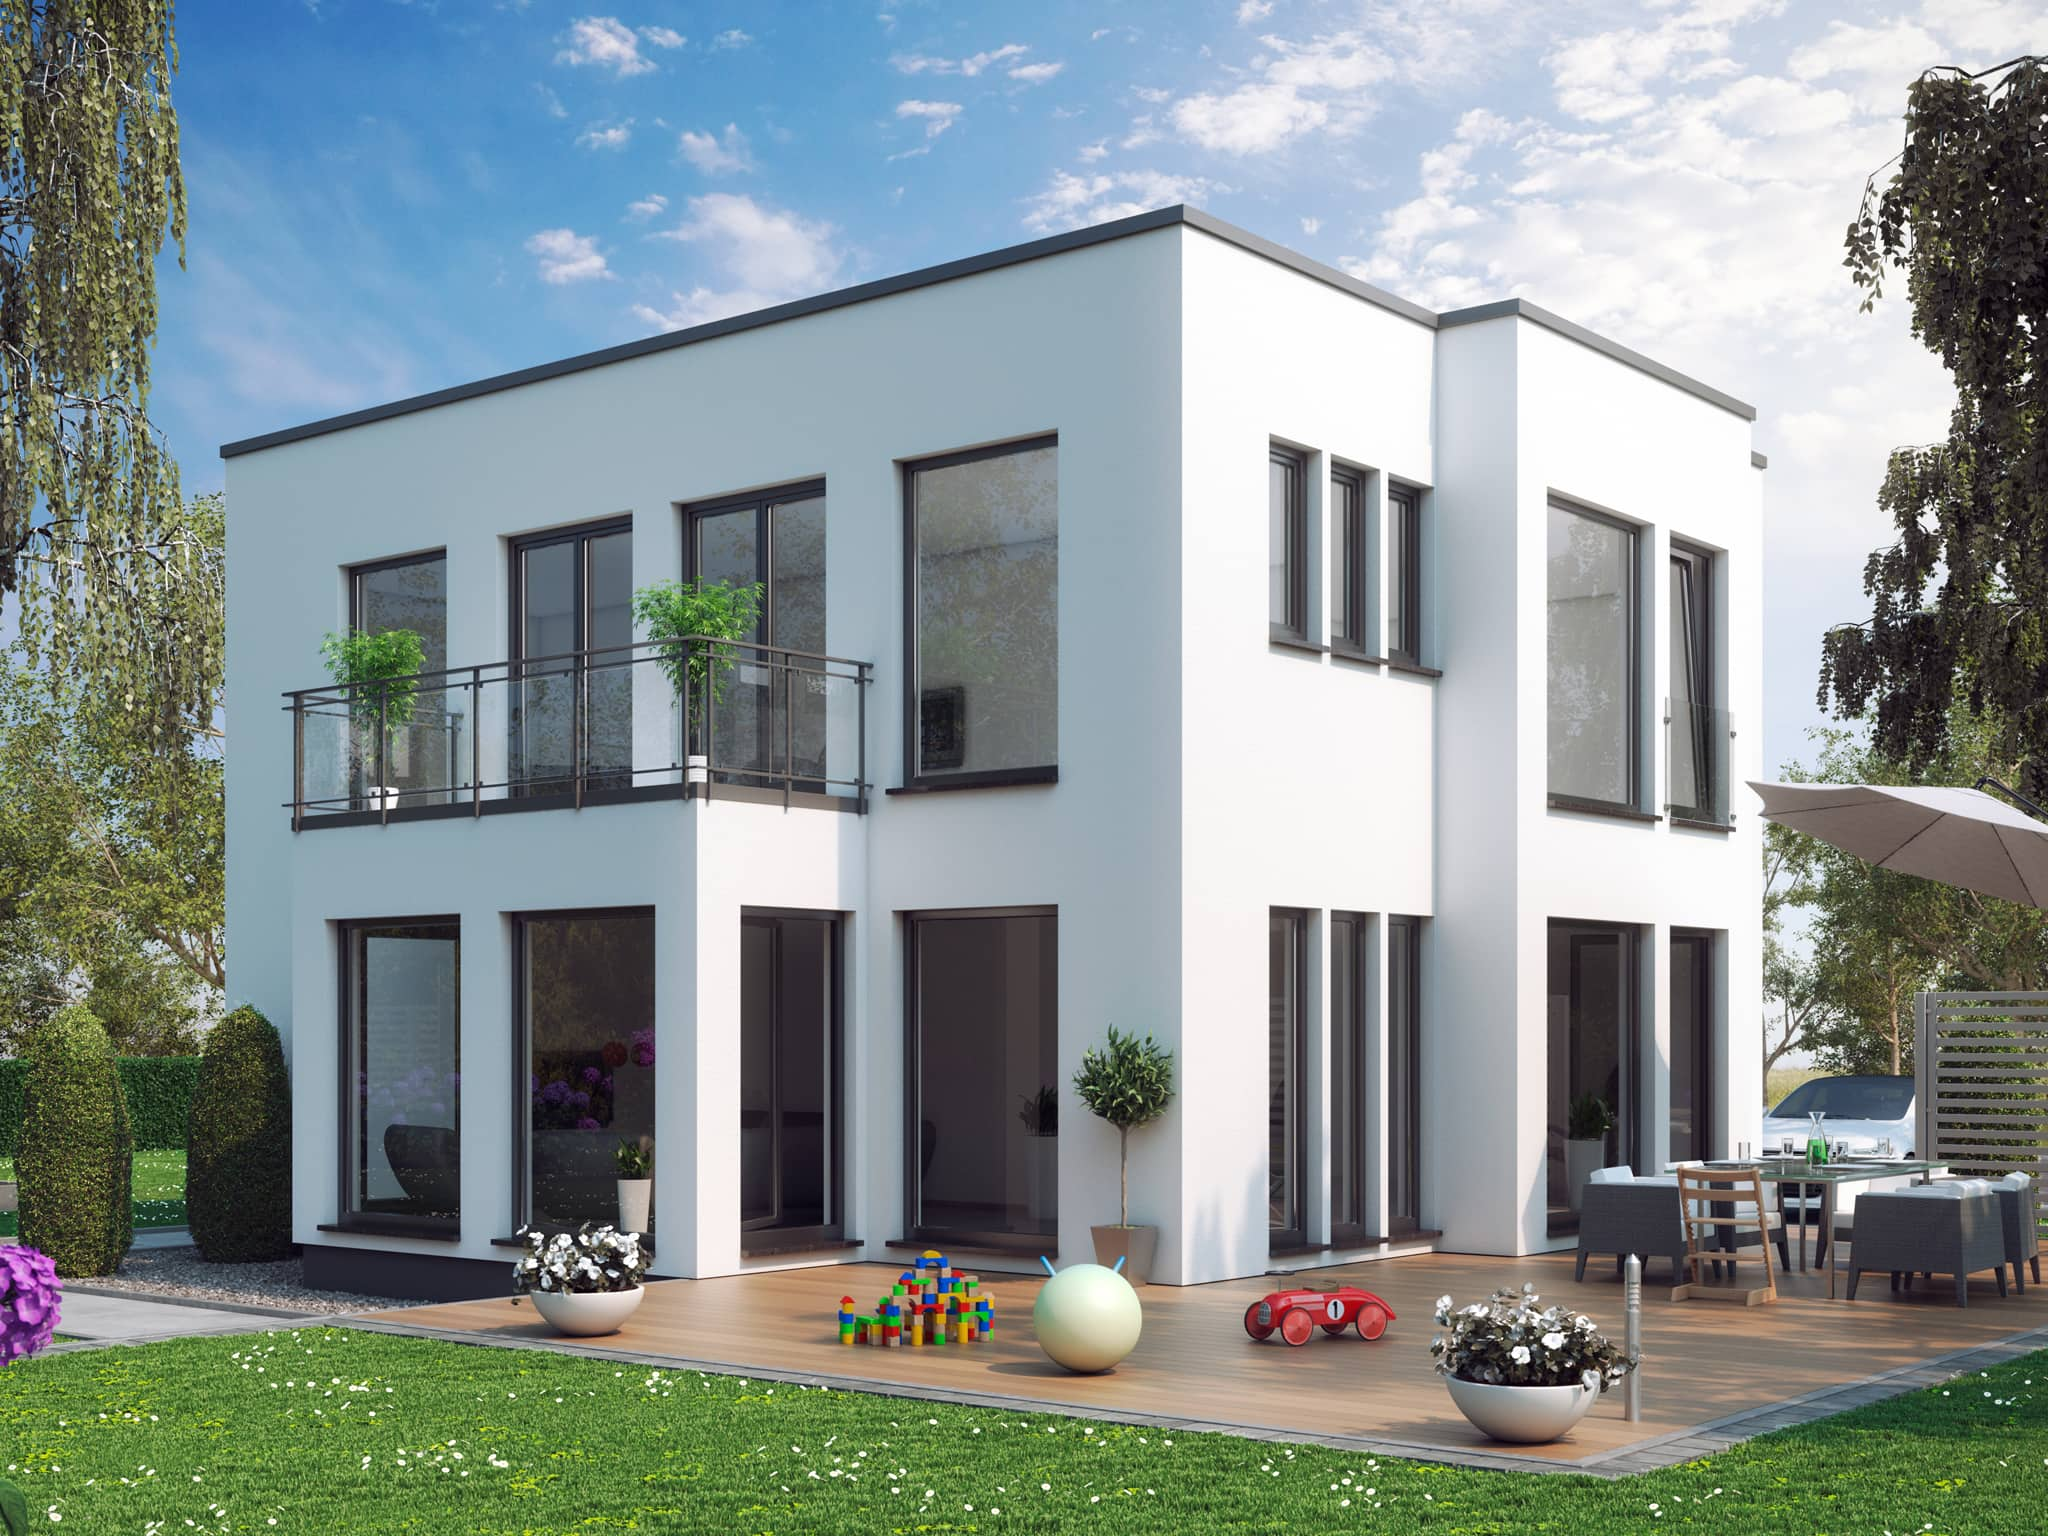 Stadtvilla modern mit Flachdach im Bauhausstil, Erker & Balkon, 5 Zimmer, 140 qm - Fertighaus Living Haus SUNSHINE 144 V7 - HausbauDirekt.de